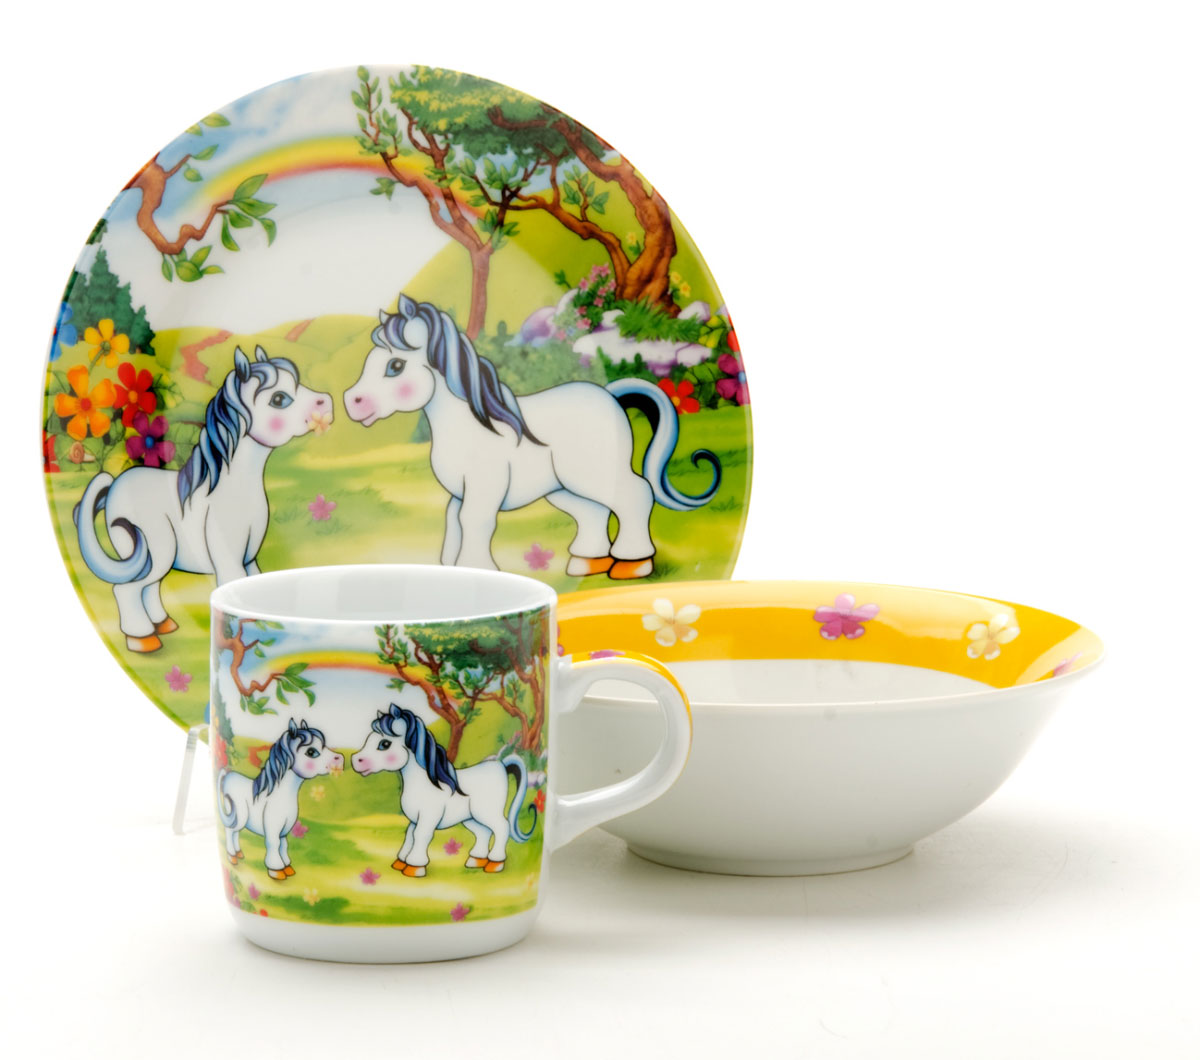 Набор посуды Mayer & Boch Пони, 3 предмета. 22864 набор посуды из 6 предметов mayer and boch мв 24949